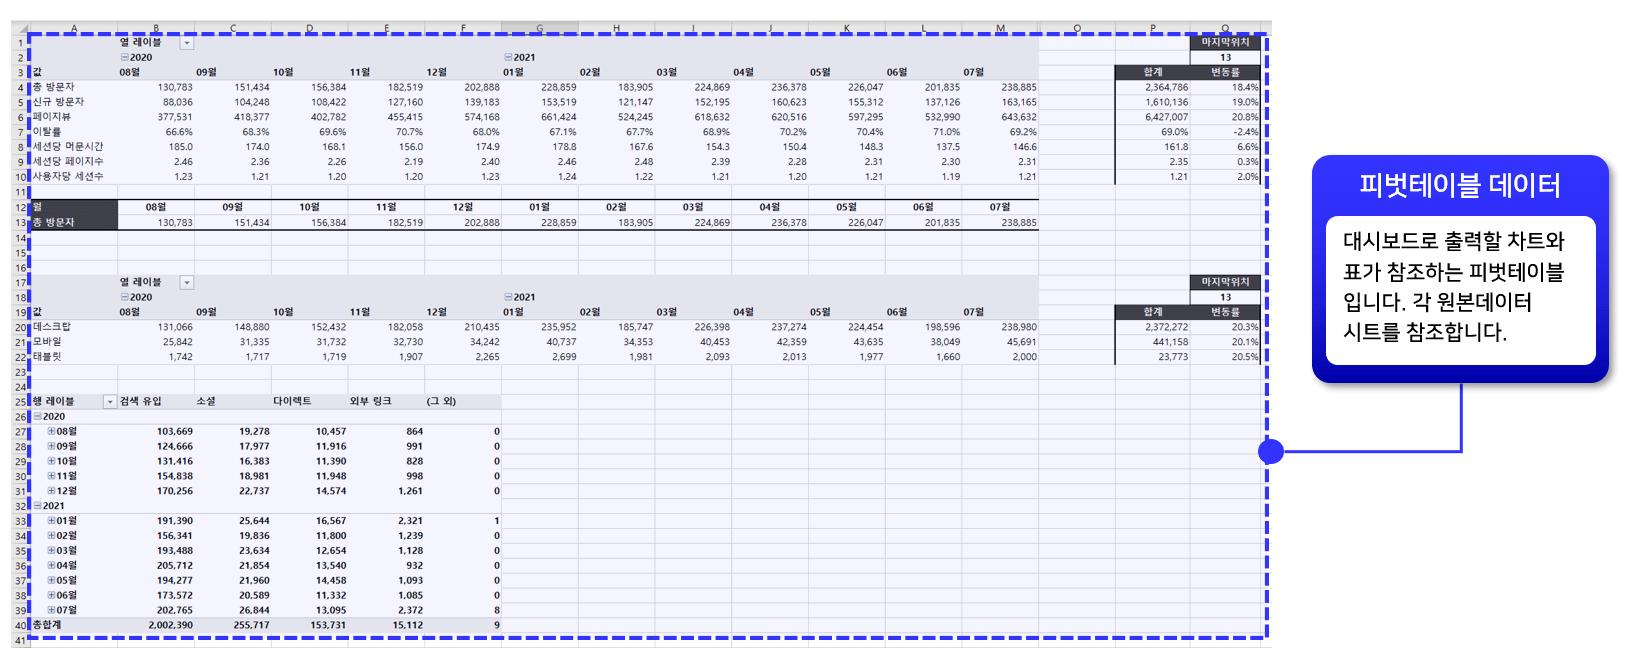 구글 애널리틱스 대시보드 서식 데이터